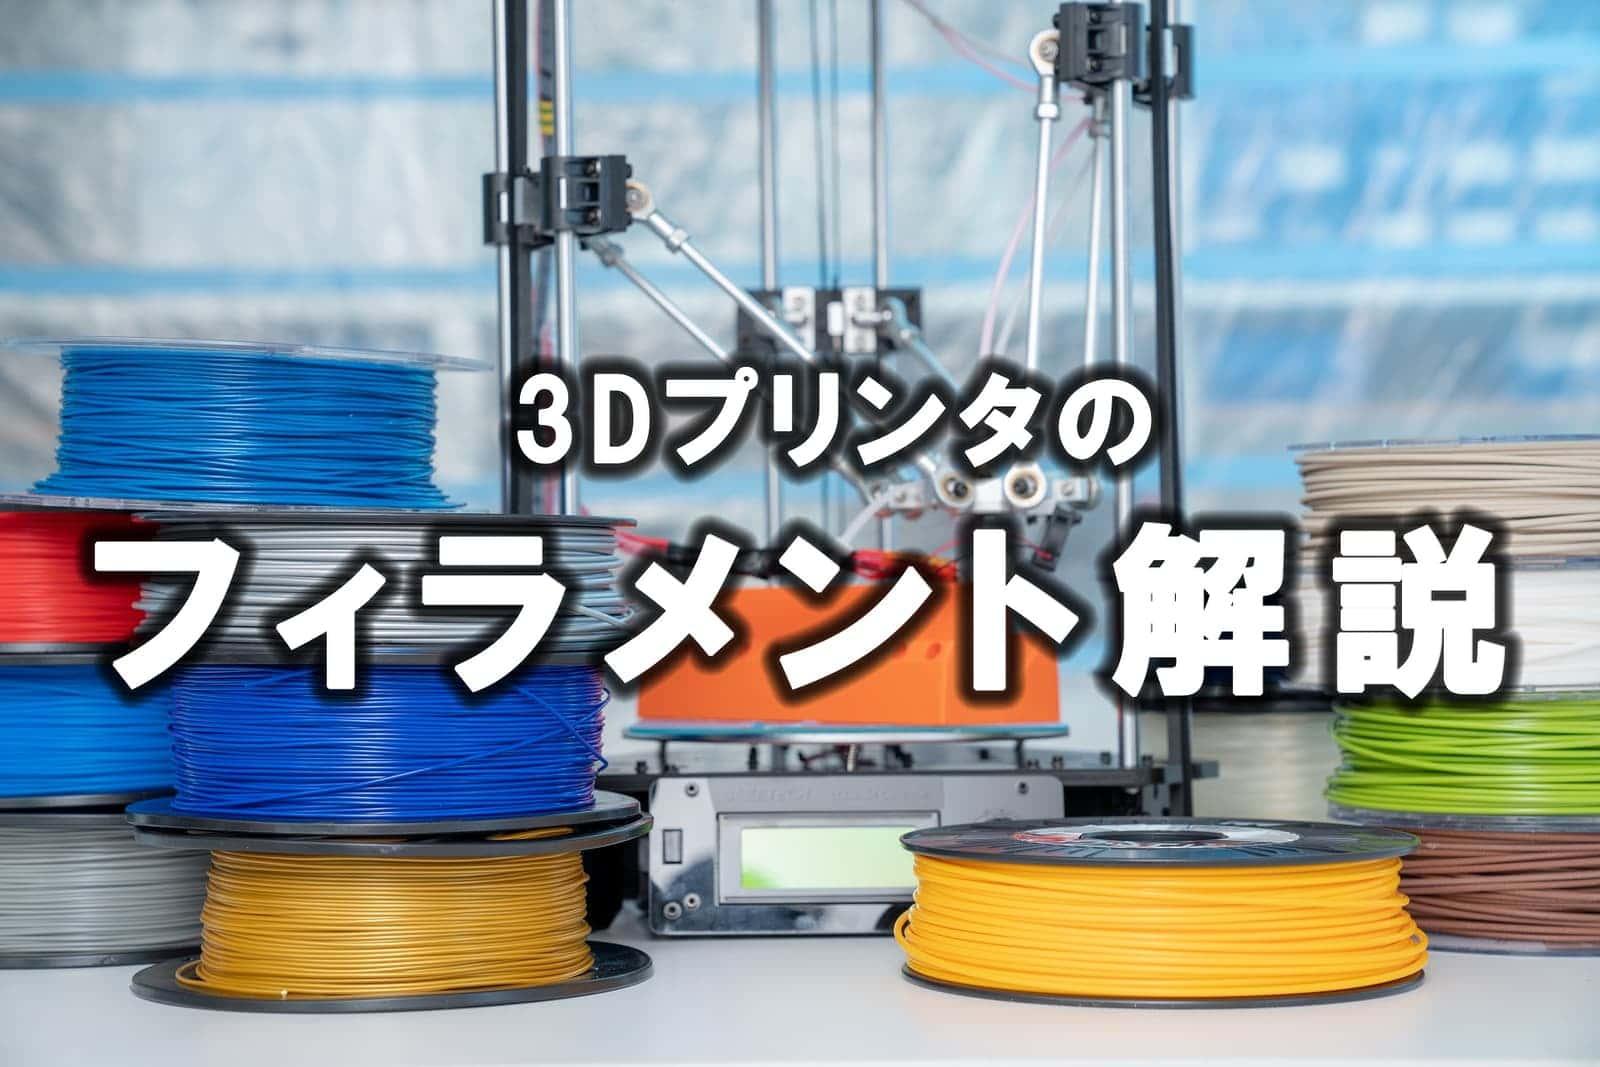 3Dプリンタ フィラメント徹底解説ガイド【種類や特徴・選び方】